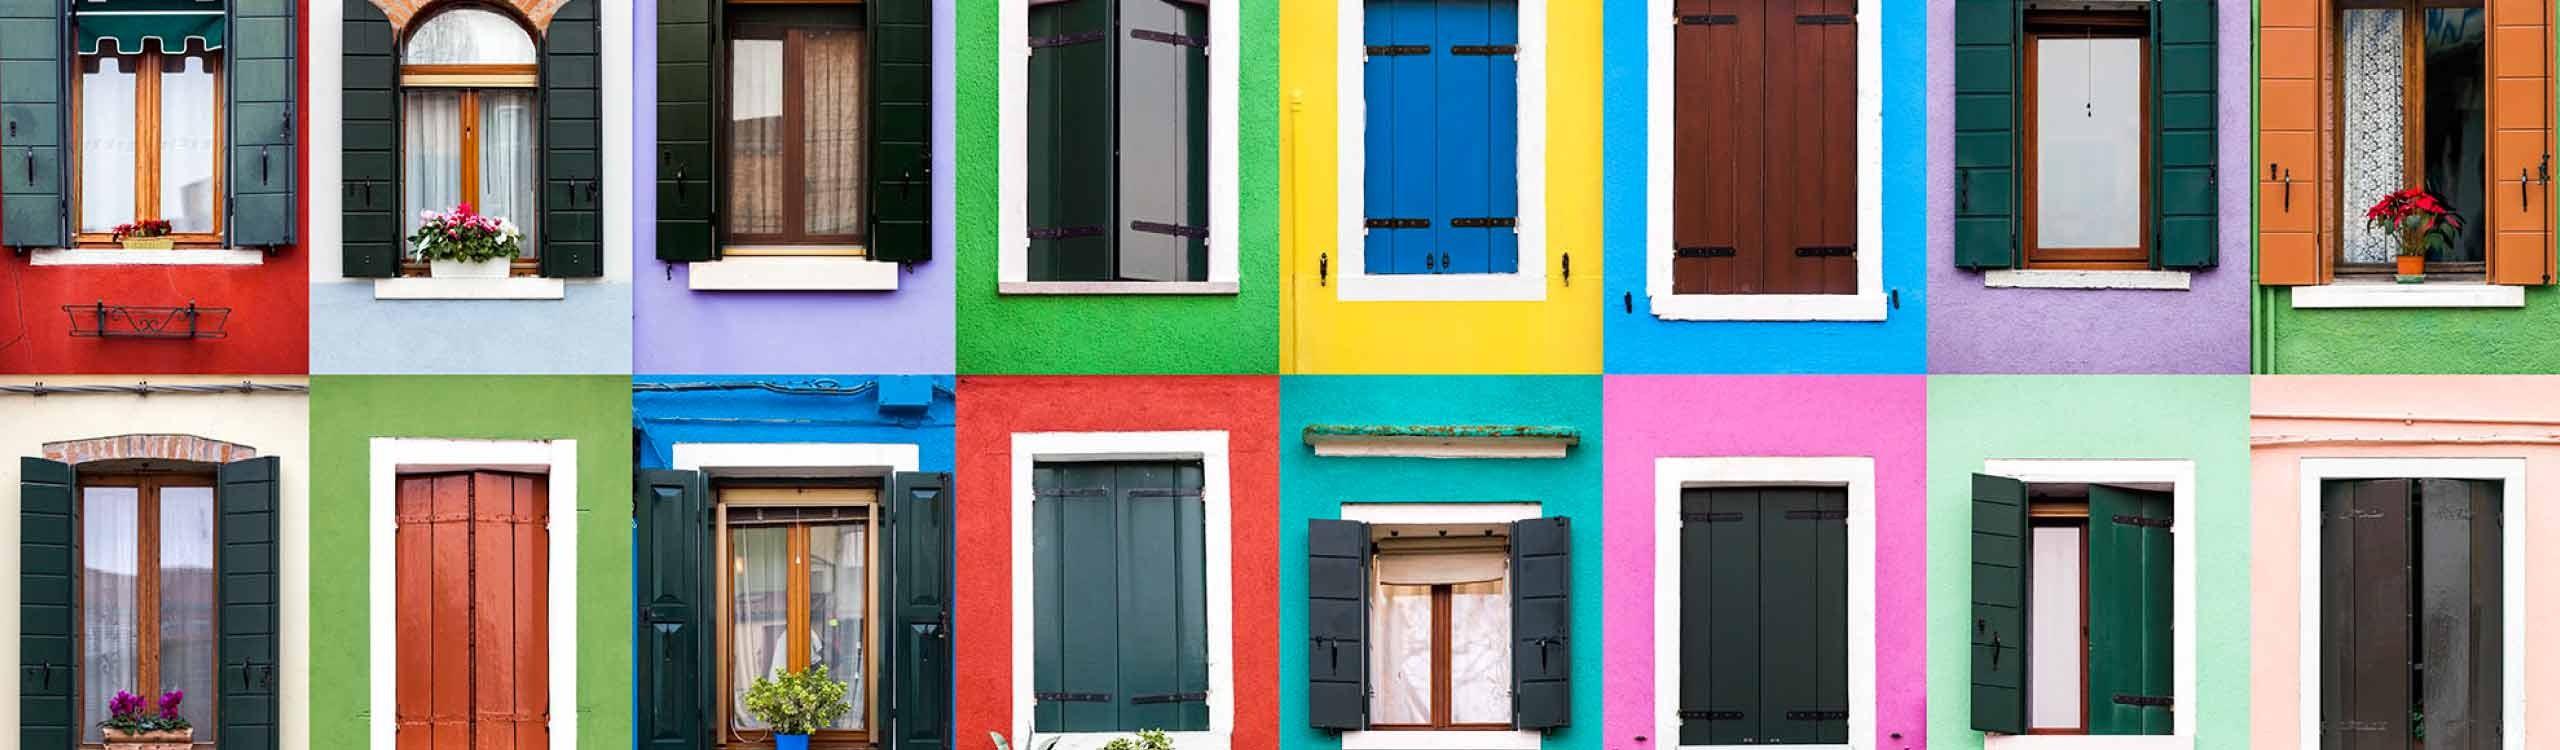 ventanas del mundo, el otro proyecto viajero de andré vicente gonçalves